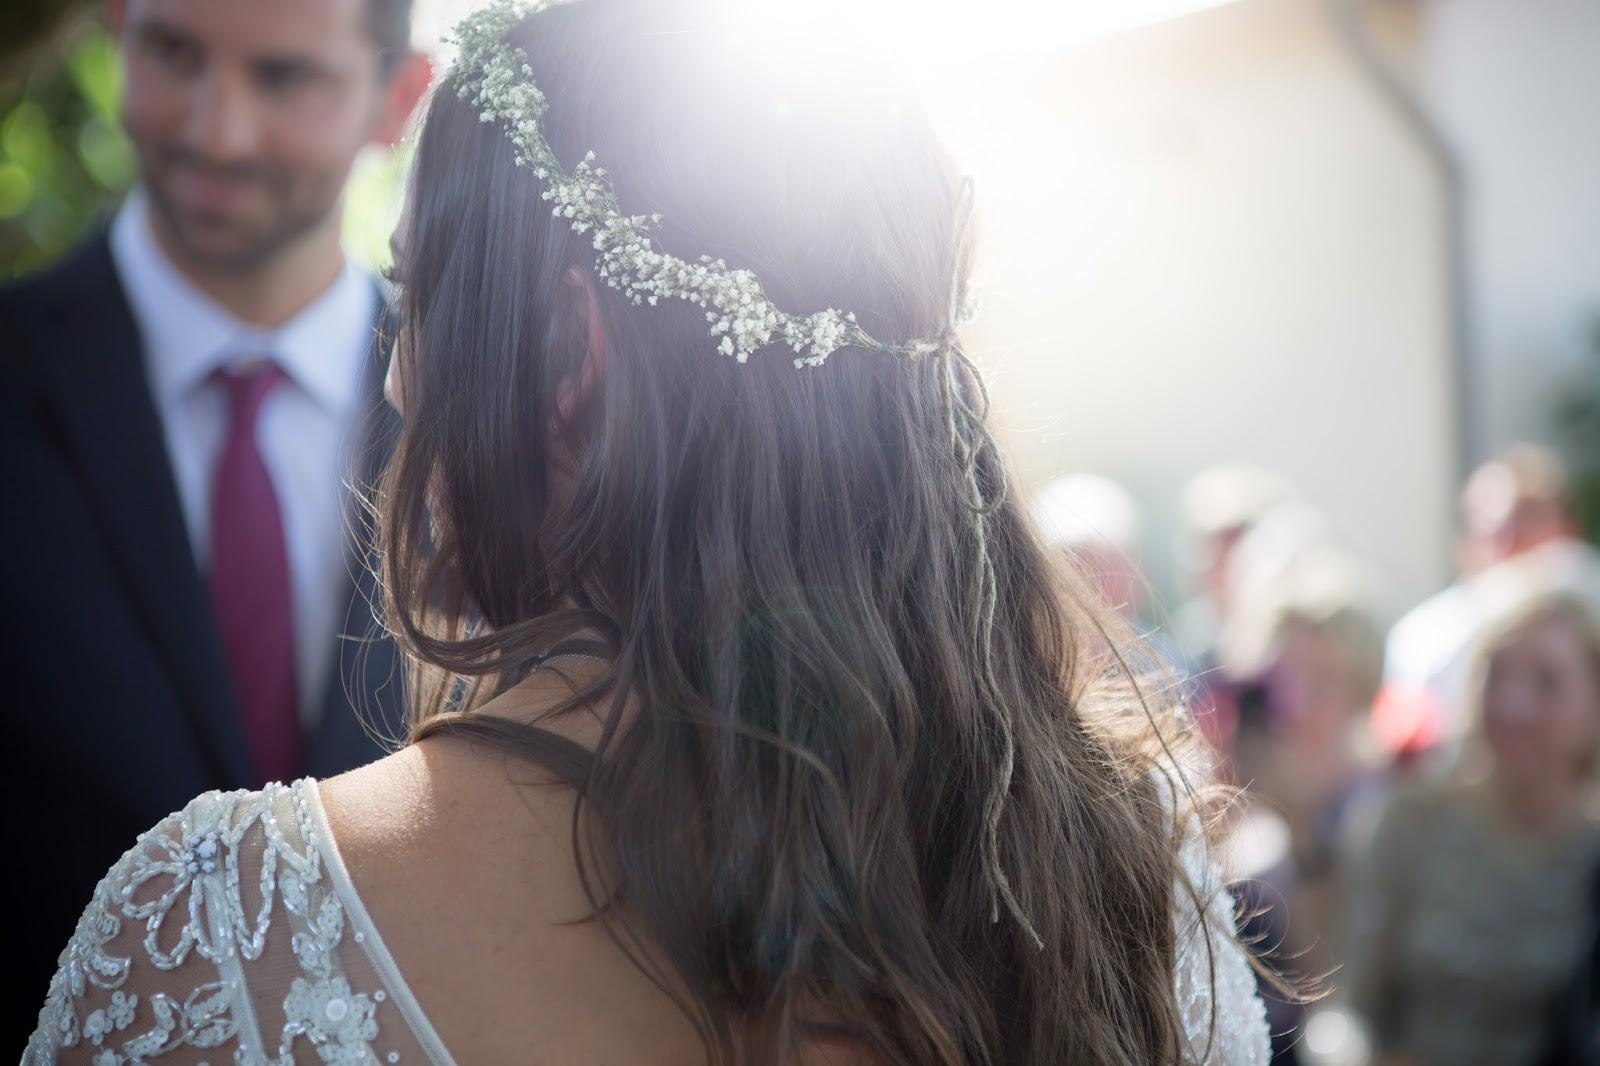 DIY bride headpiece for backyard wedding